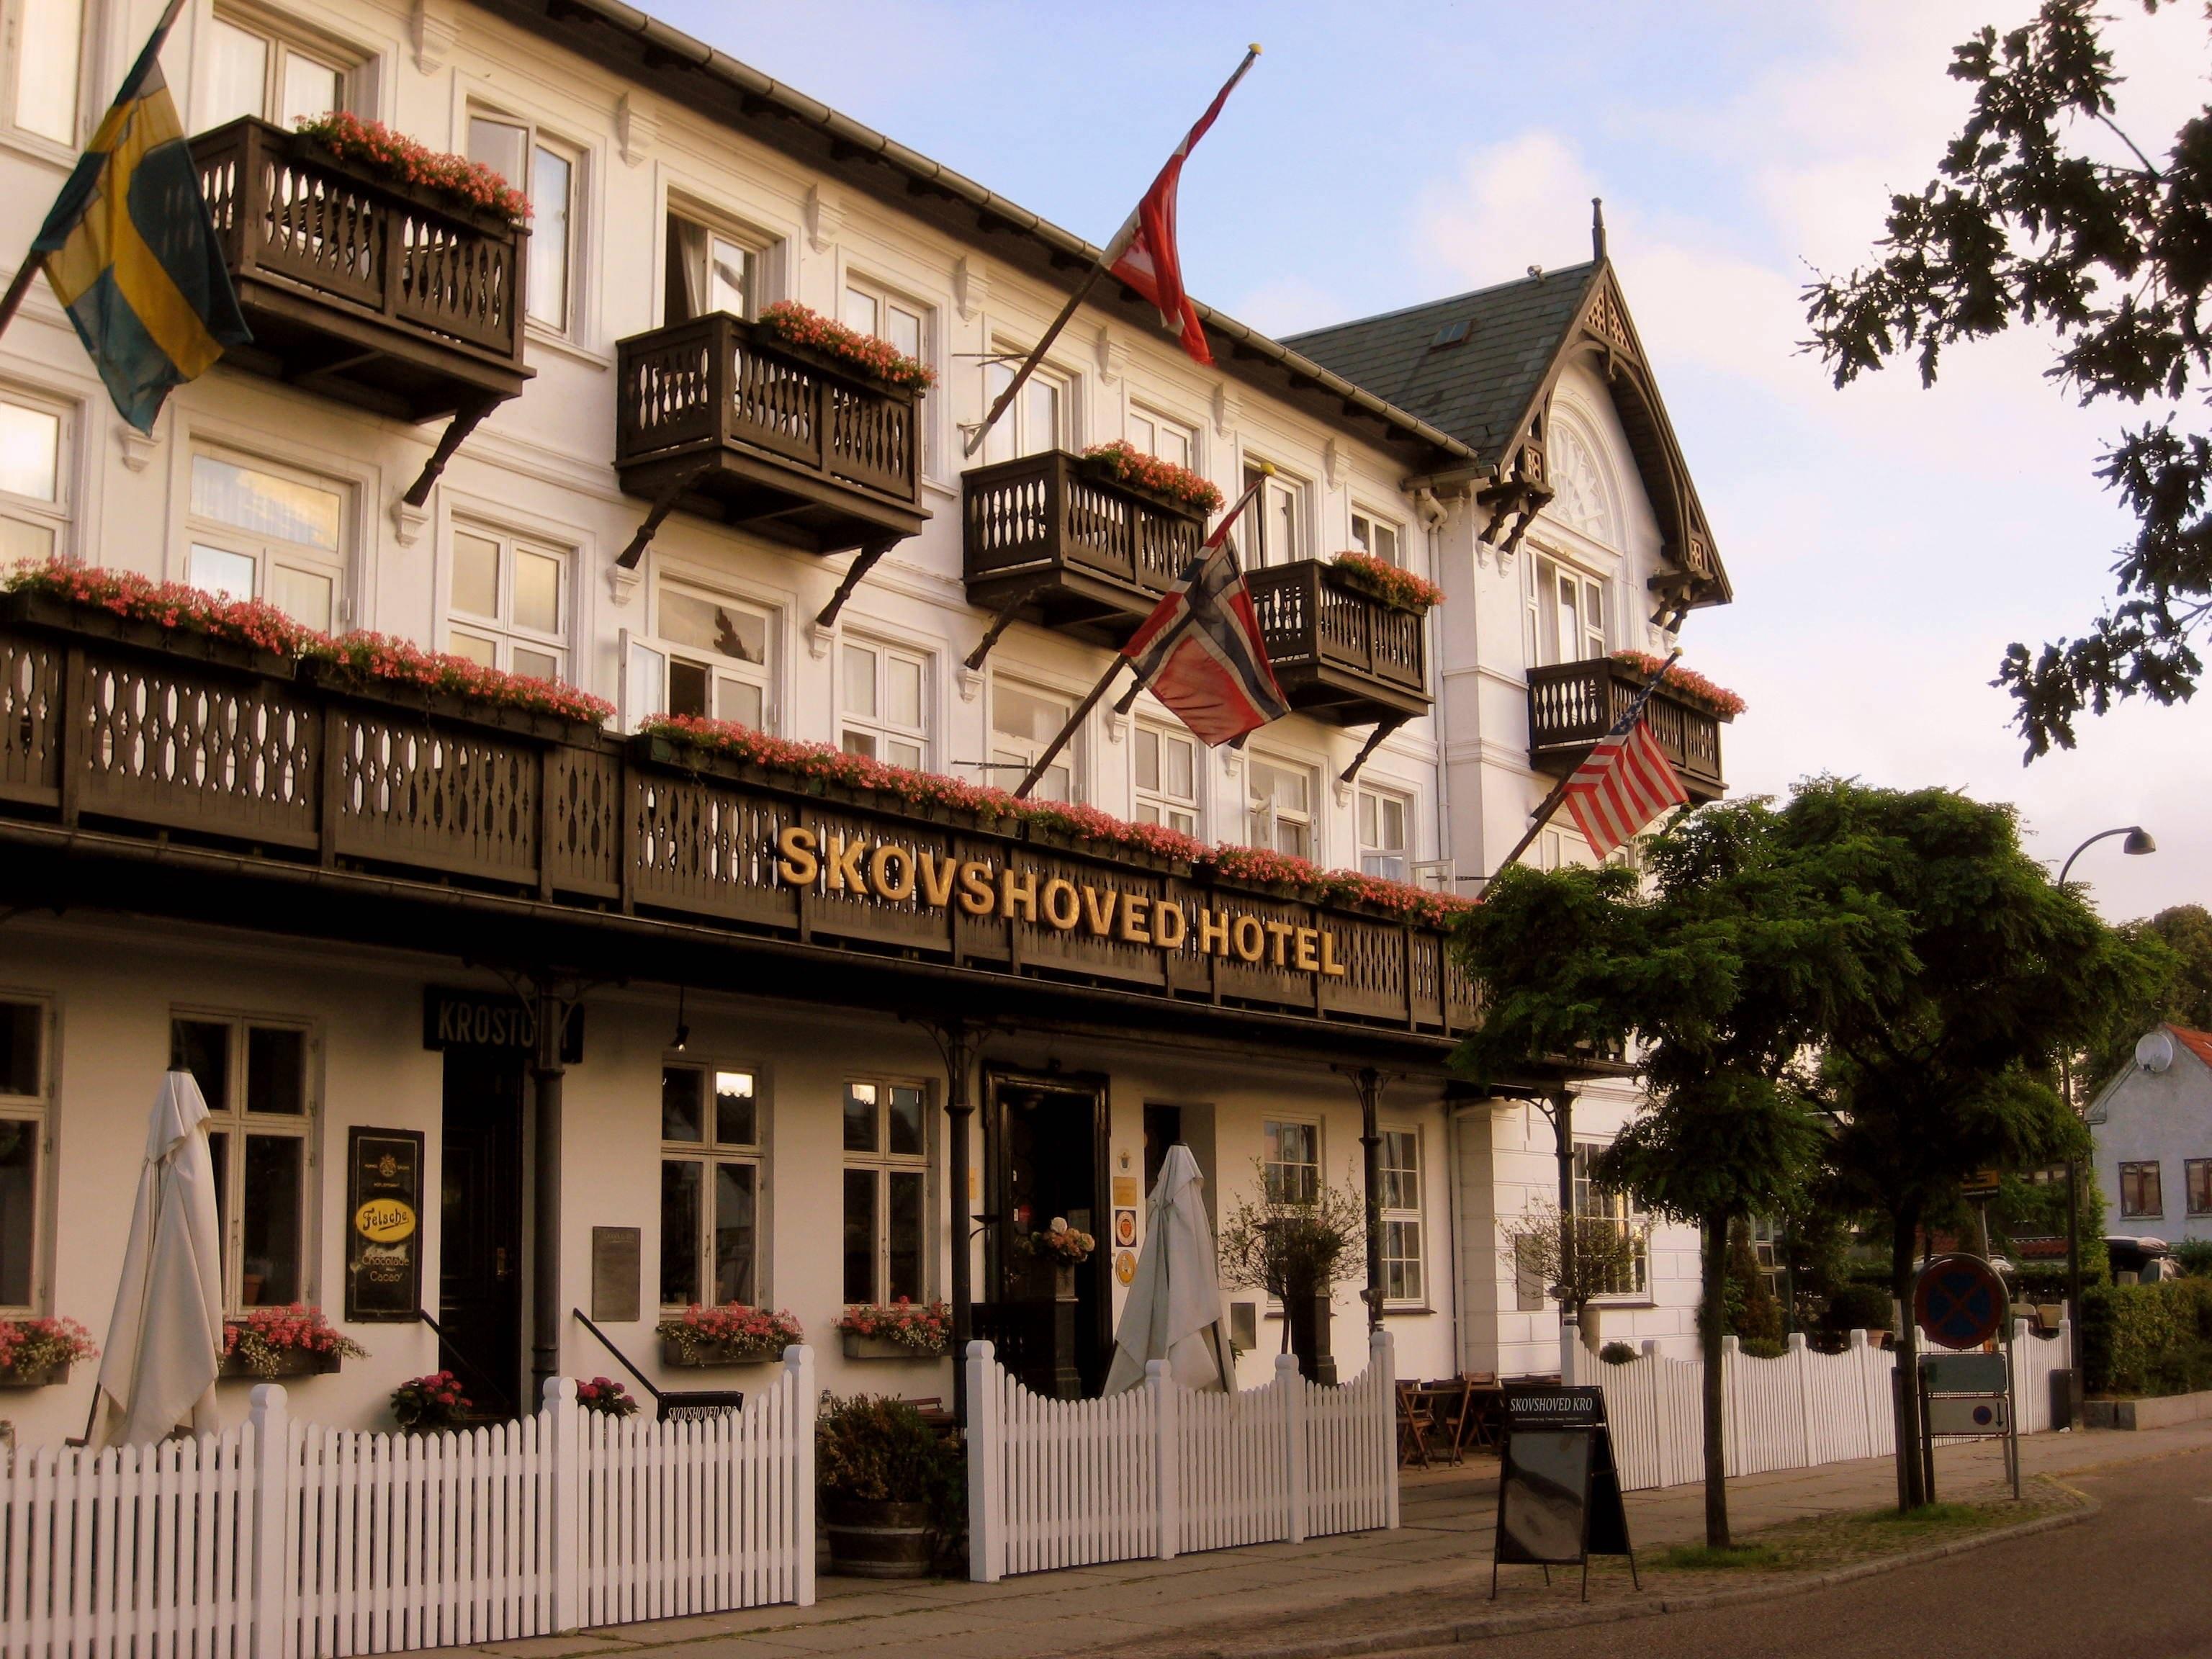 Skovshoved Hotel lidt nord for København er nyeste medlem af Small Danish Hotels. Pressefoto.